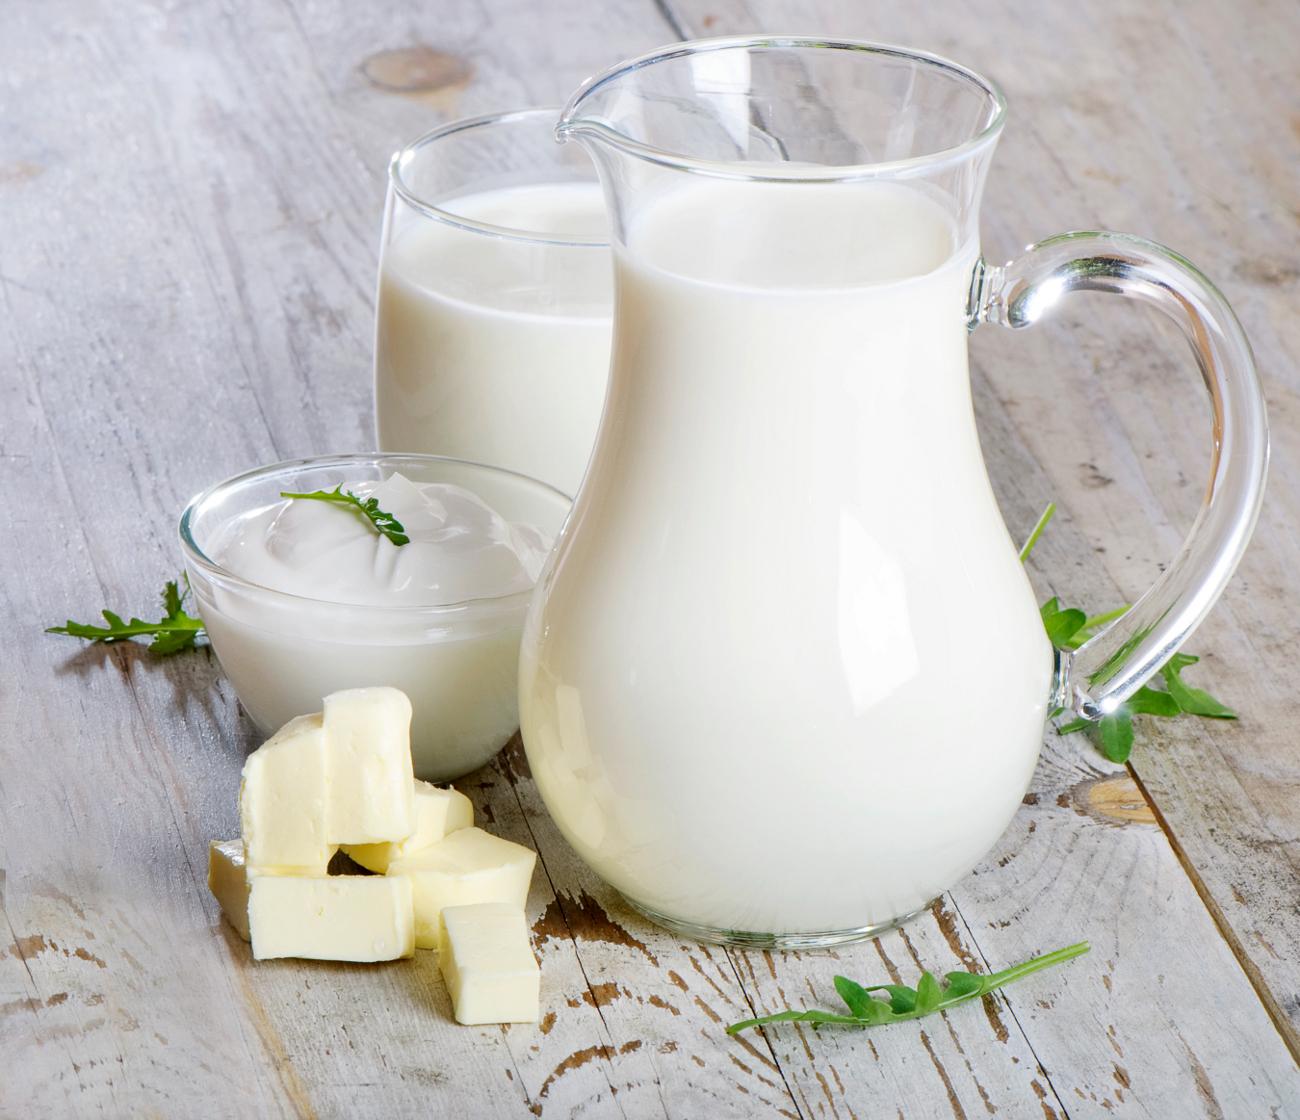 Sữa và các chế phẩm từ sữa được đưa vào danh sách hạn chế đối với người u xơ tử cung